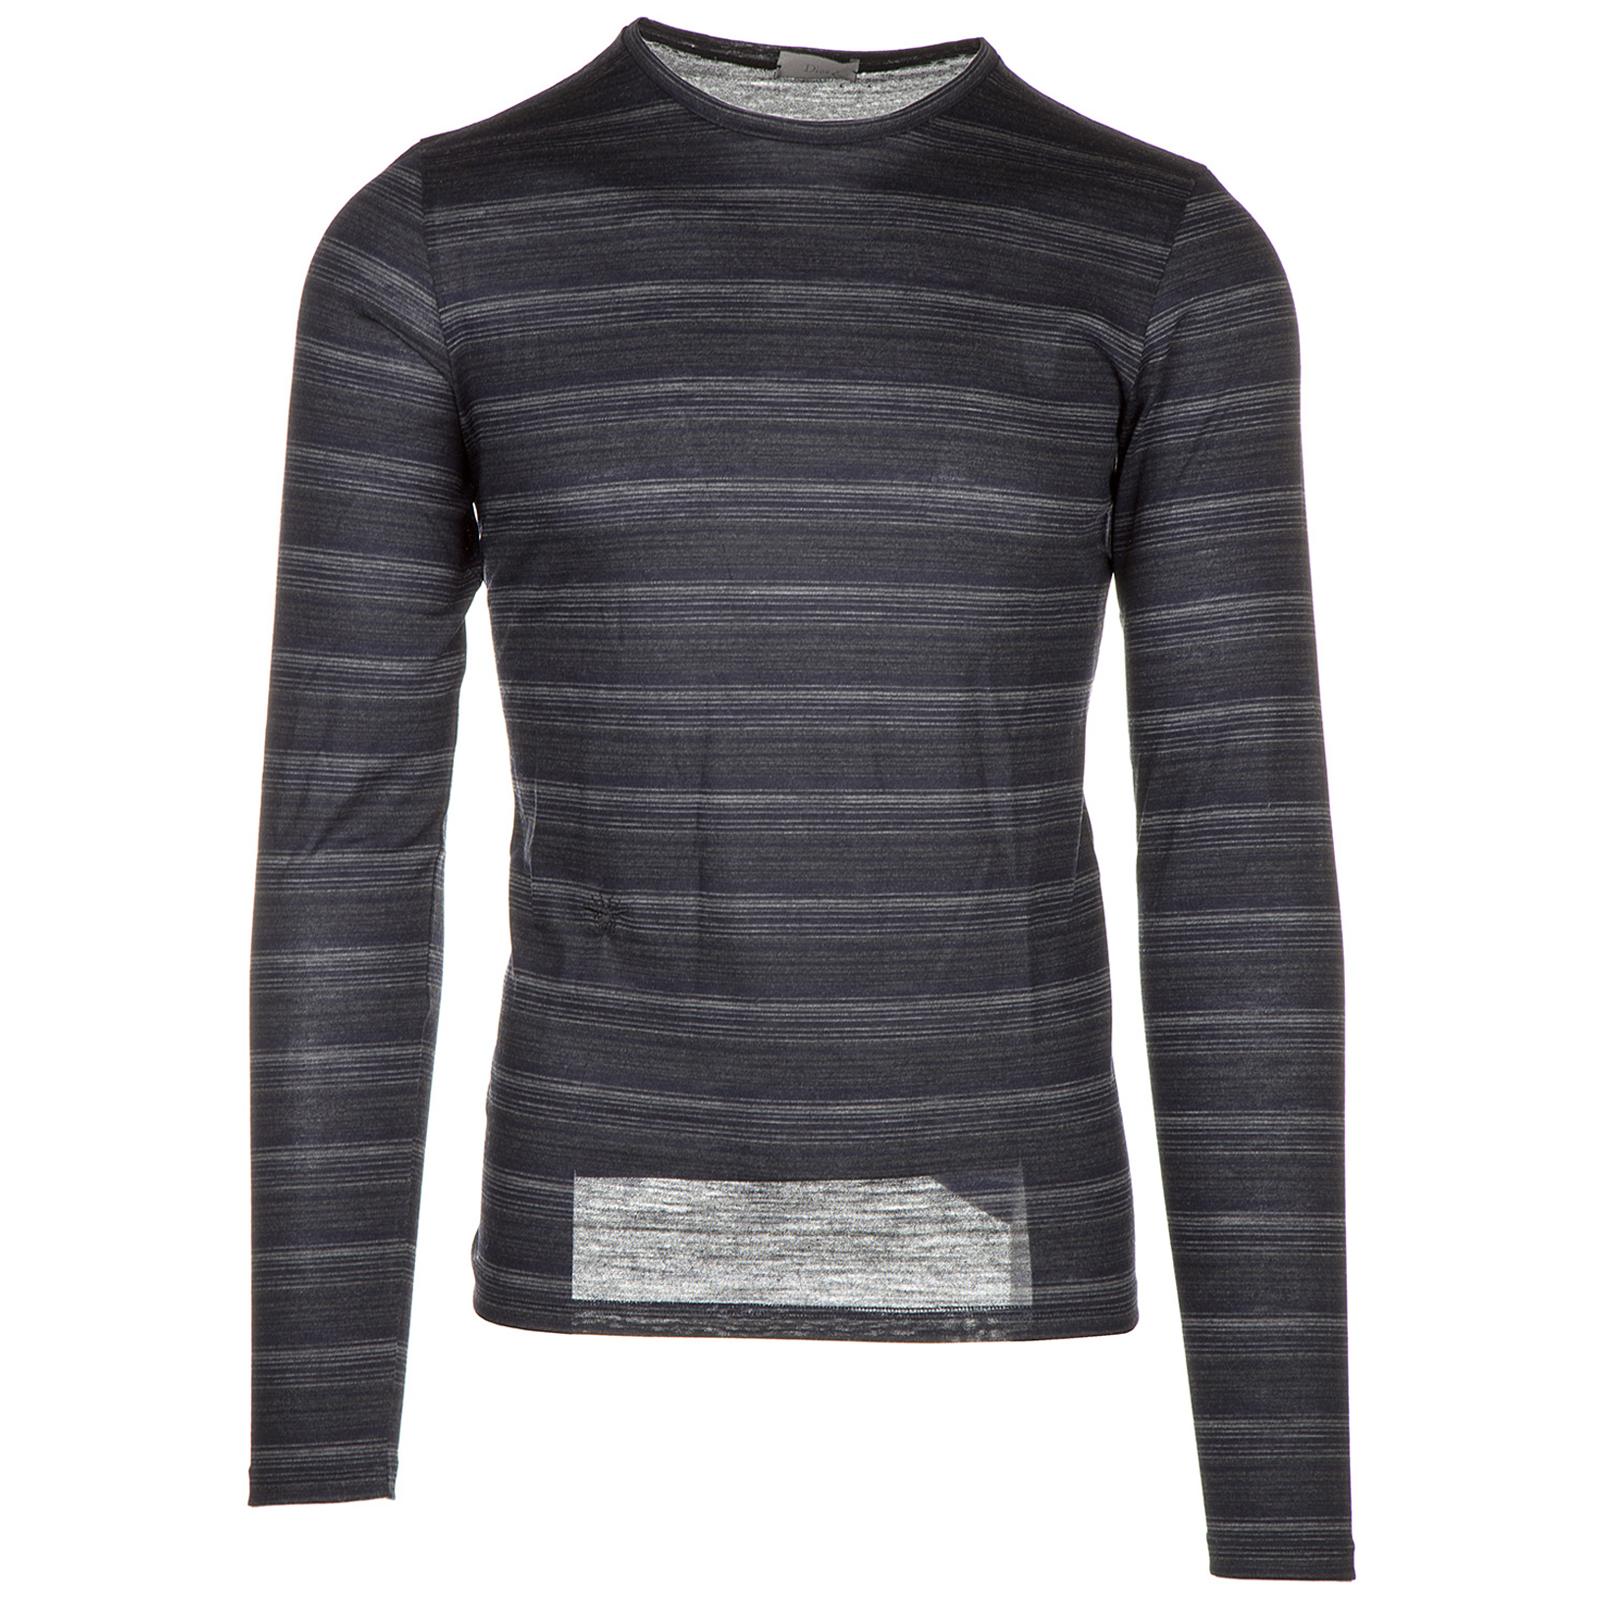 40f40c2a6463 Long sleeve t-shirt Dior 9H3367520175 grigio